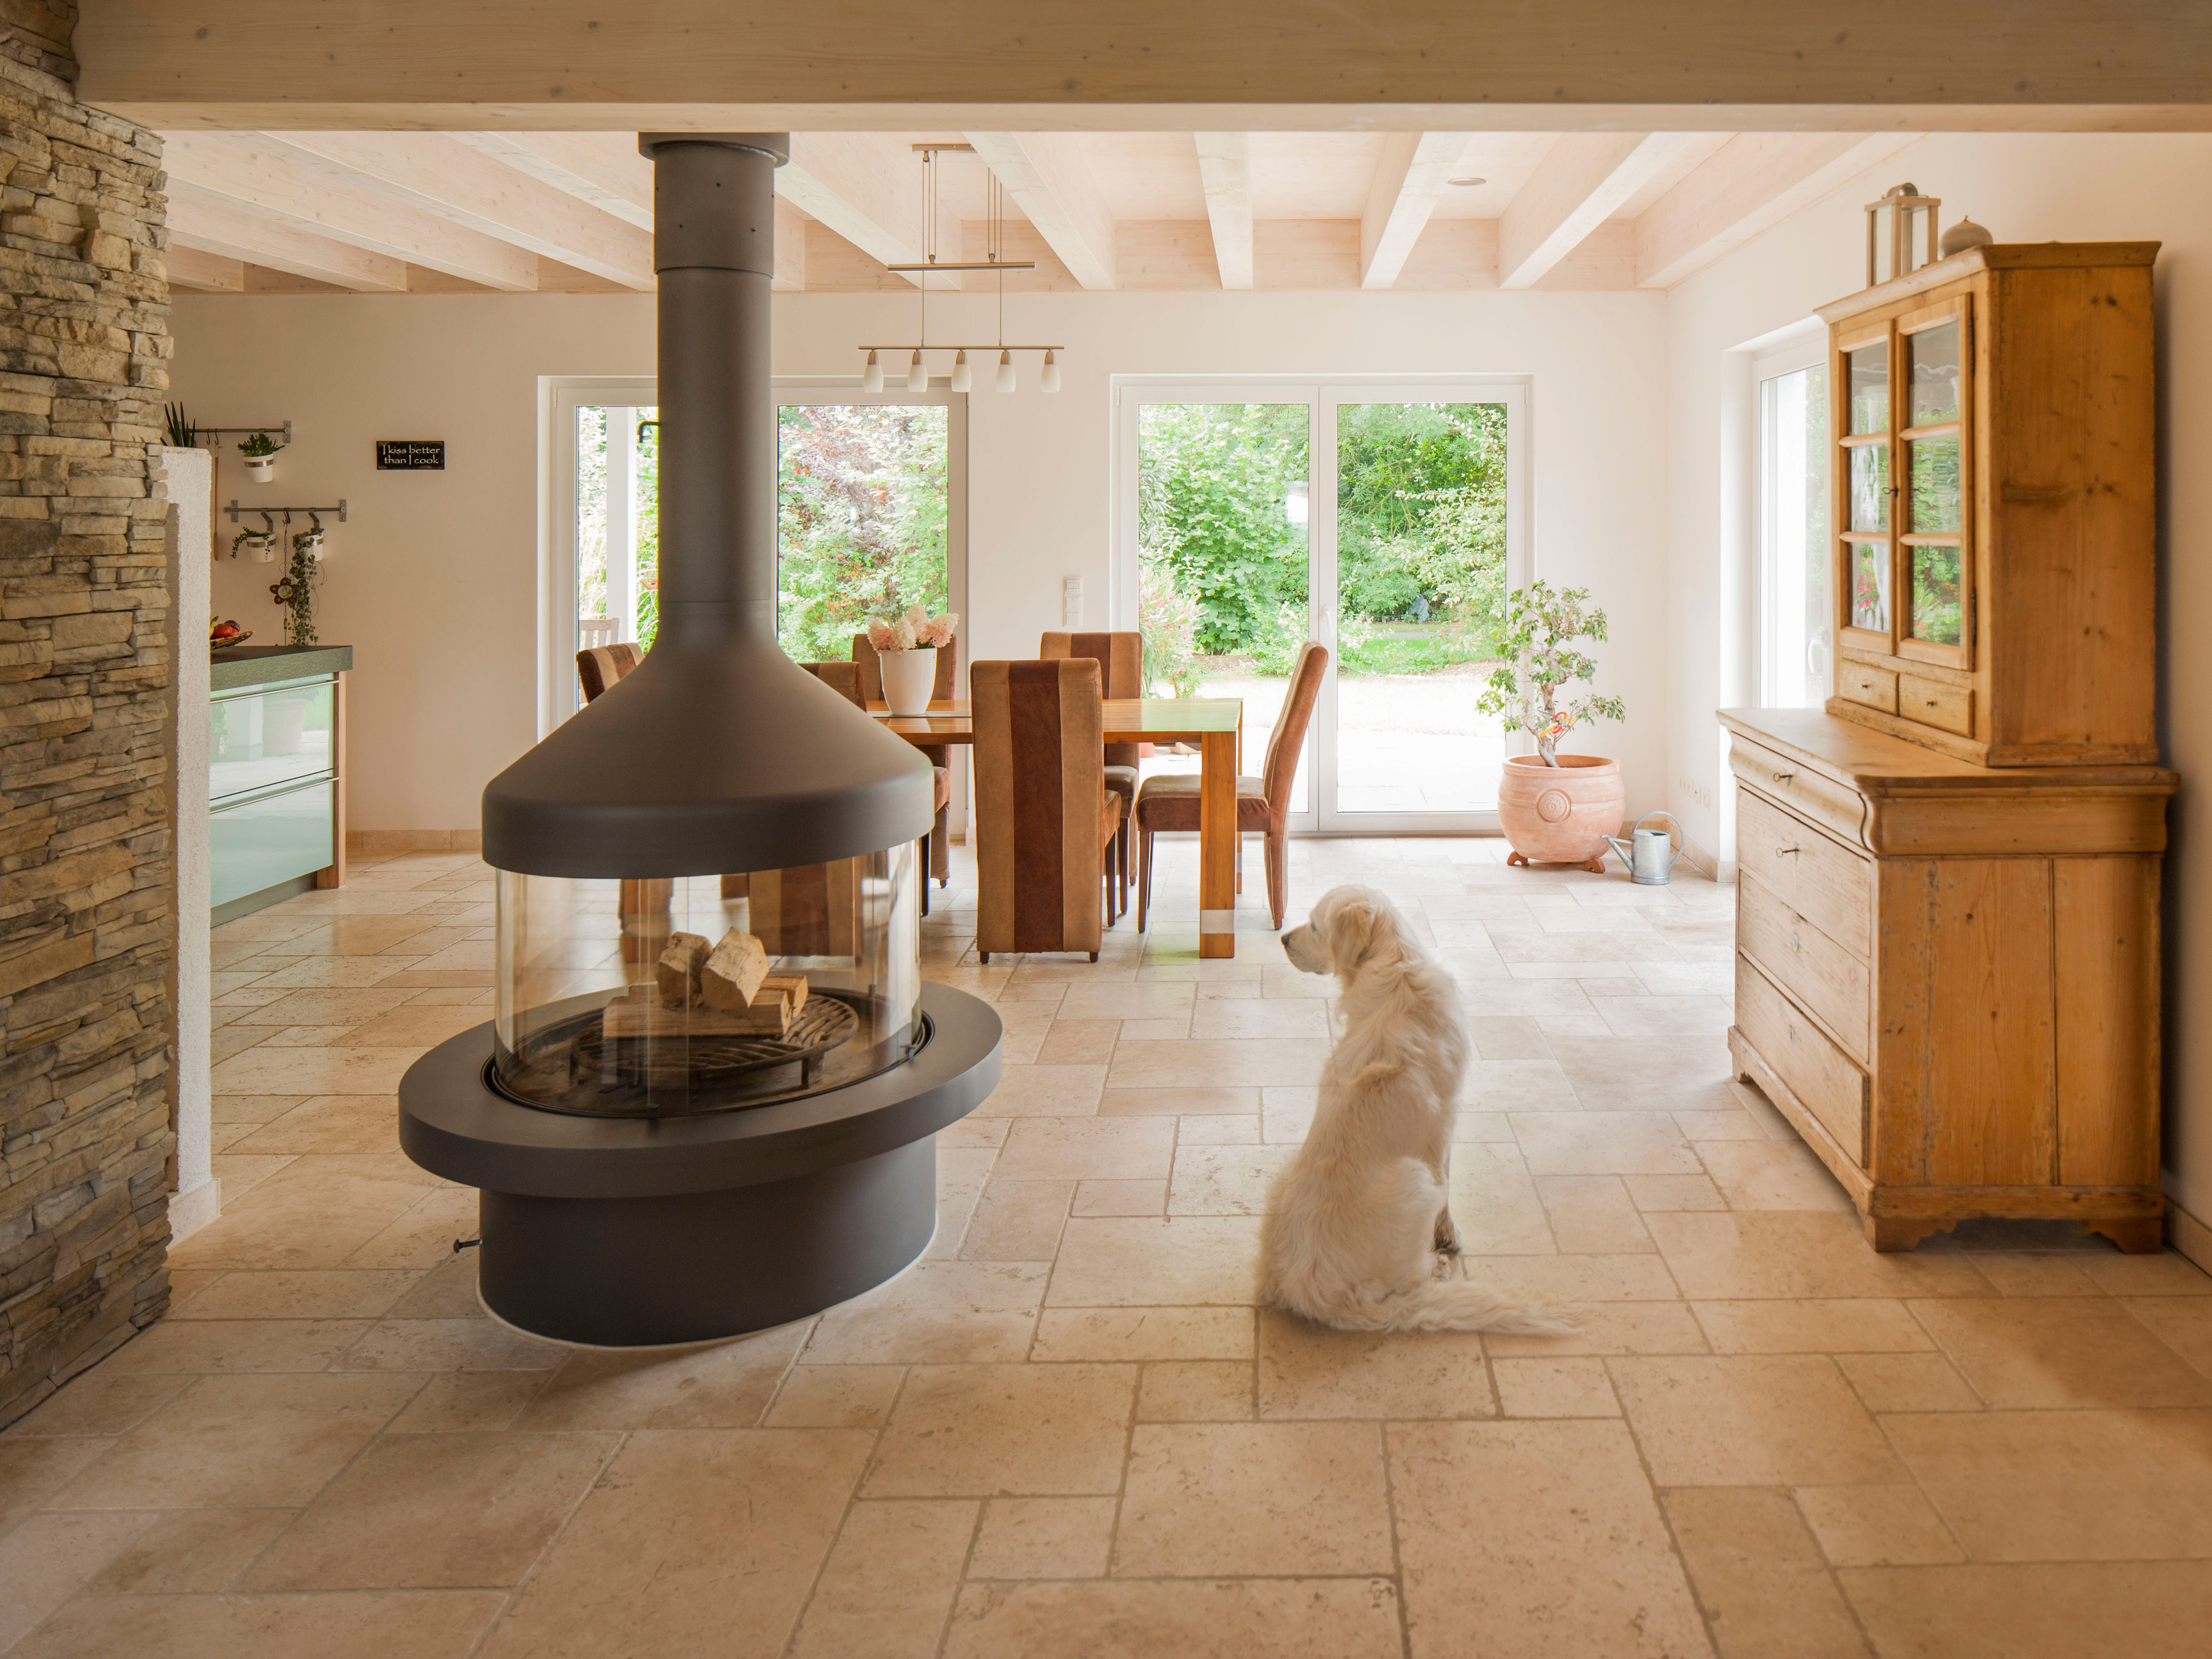 Amazing Ein Wohnzimmer zum Wohlf hlen mit Travertin Fliesen u jonastone de